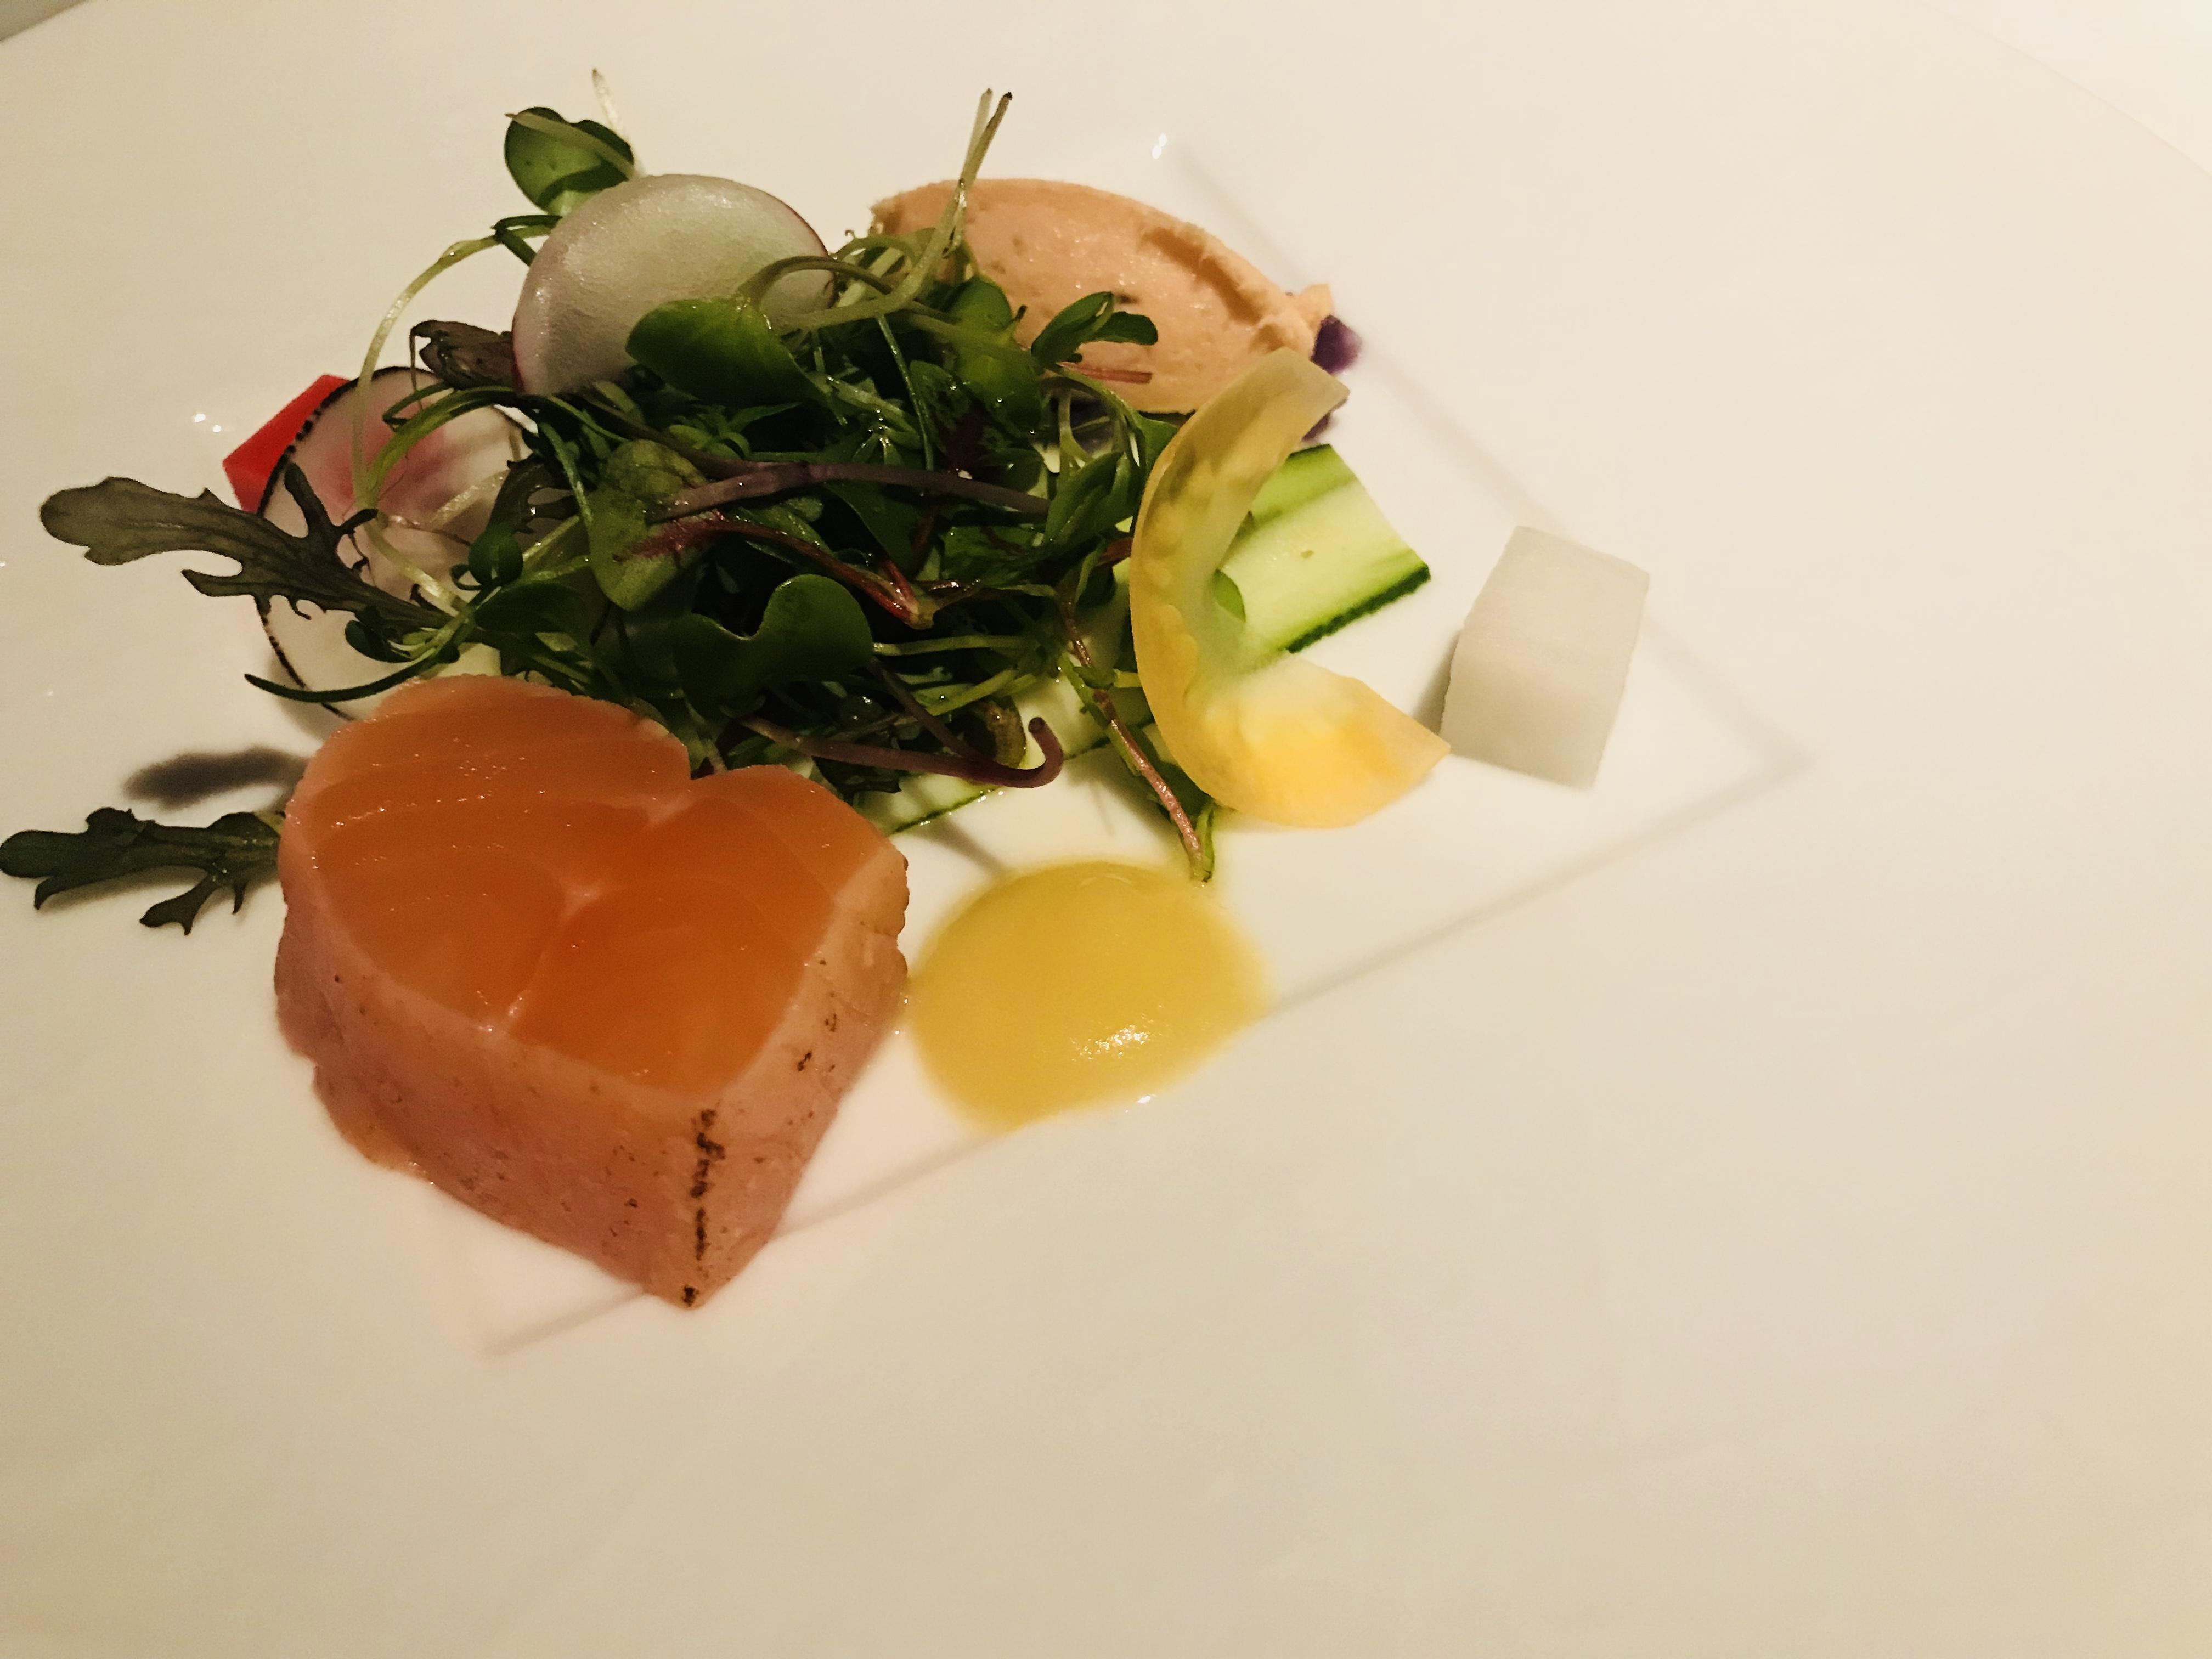 前菜|【感想】神戸ディナークルーズ「コンチェルト」に乗ってみた|一度は体験してみたい豪華客船|サプライズも料理も最高!ペアチケットの取り方など紹介!